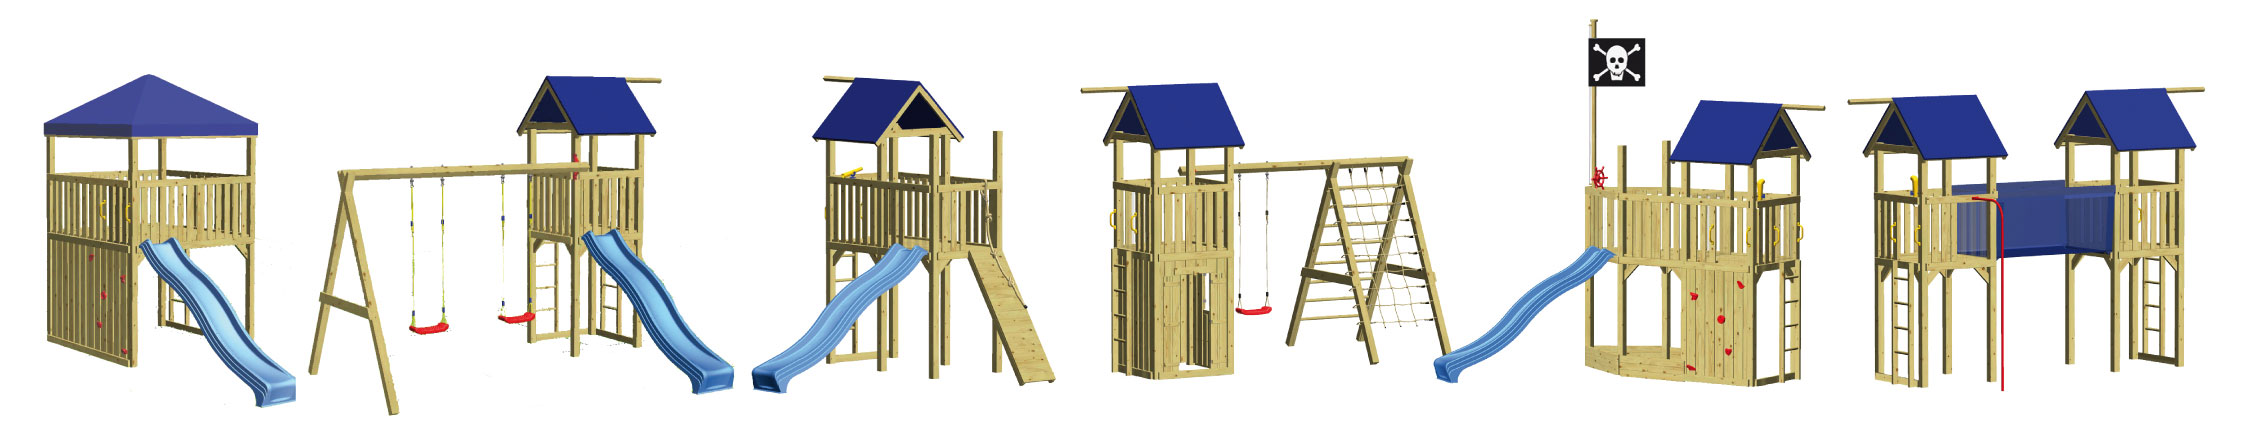 Full Size of Spielturm Abverkauf Bad Garten Kinderspielturm Inselküche Wohnzimmer Spielturm Abverkauf